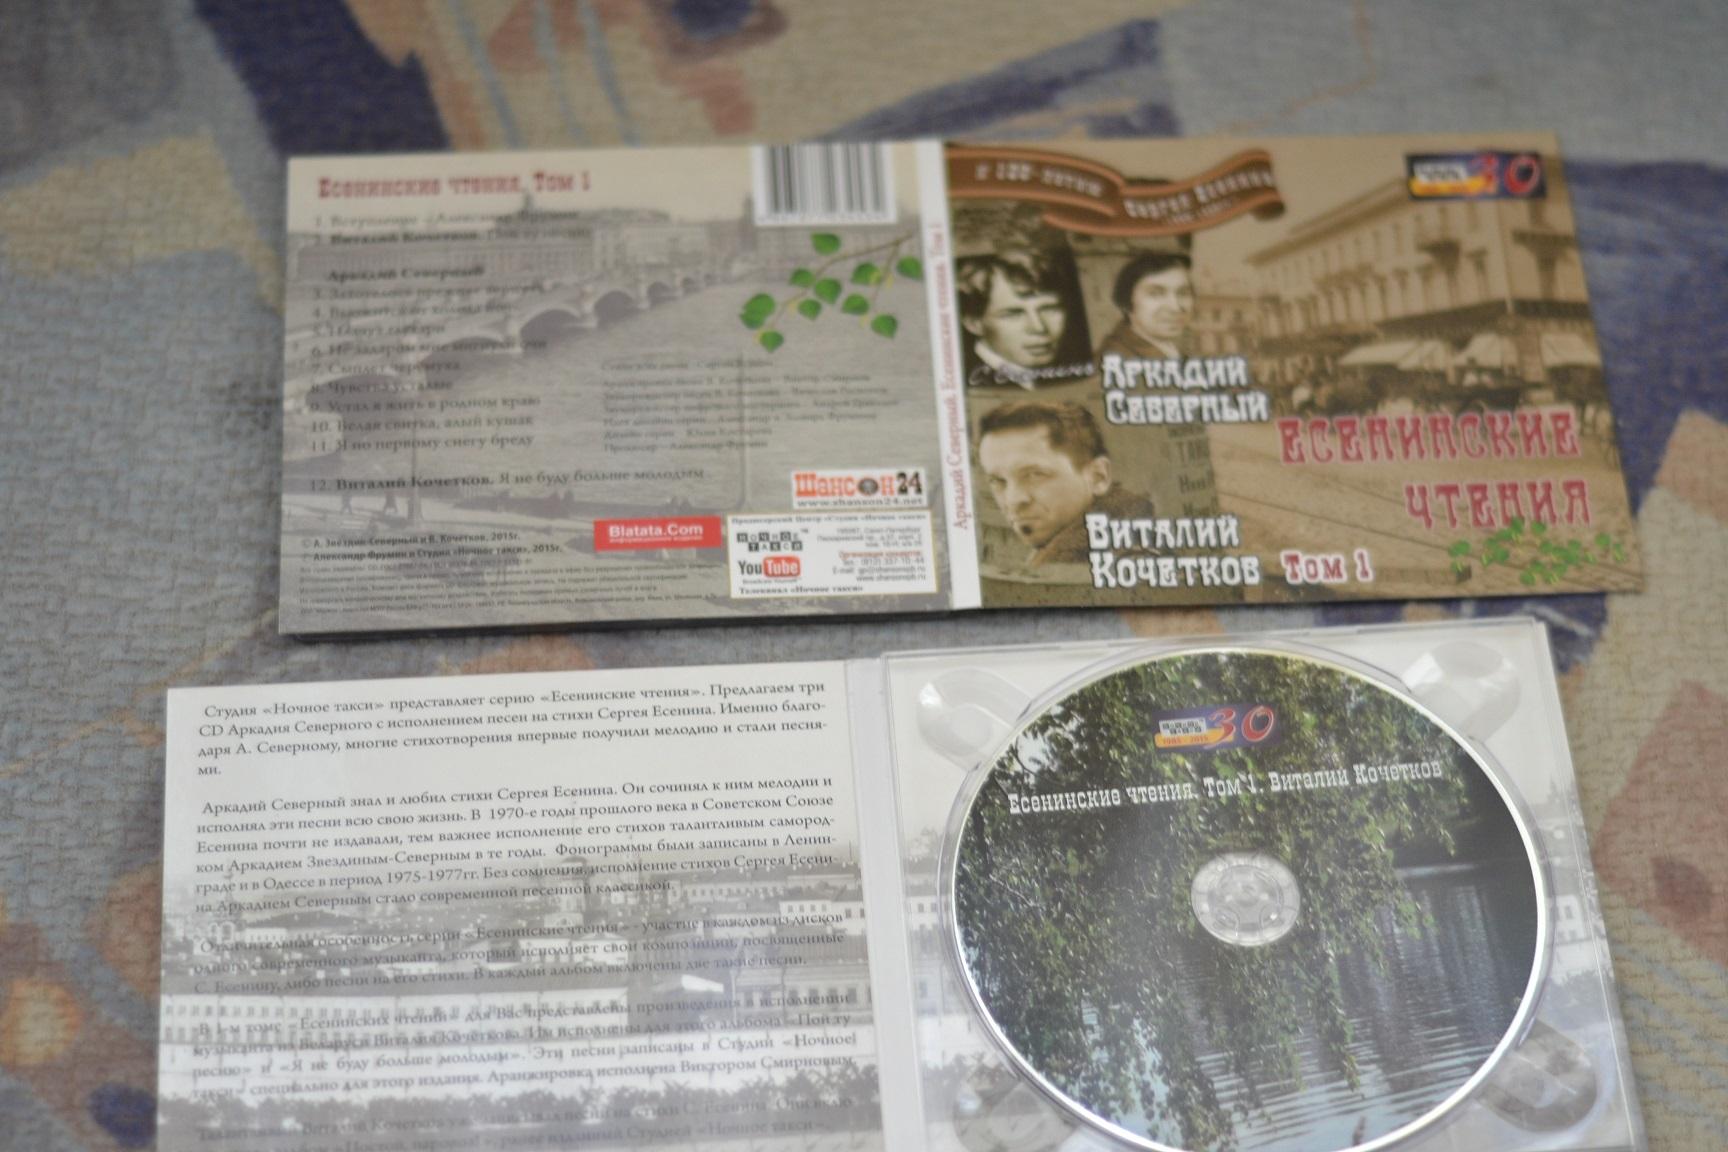 """Аркадий Северный и Виталий Кочетков - """" Есенинские чтения. Том 1 """""""